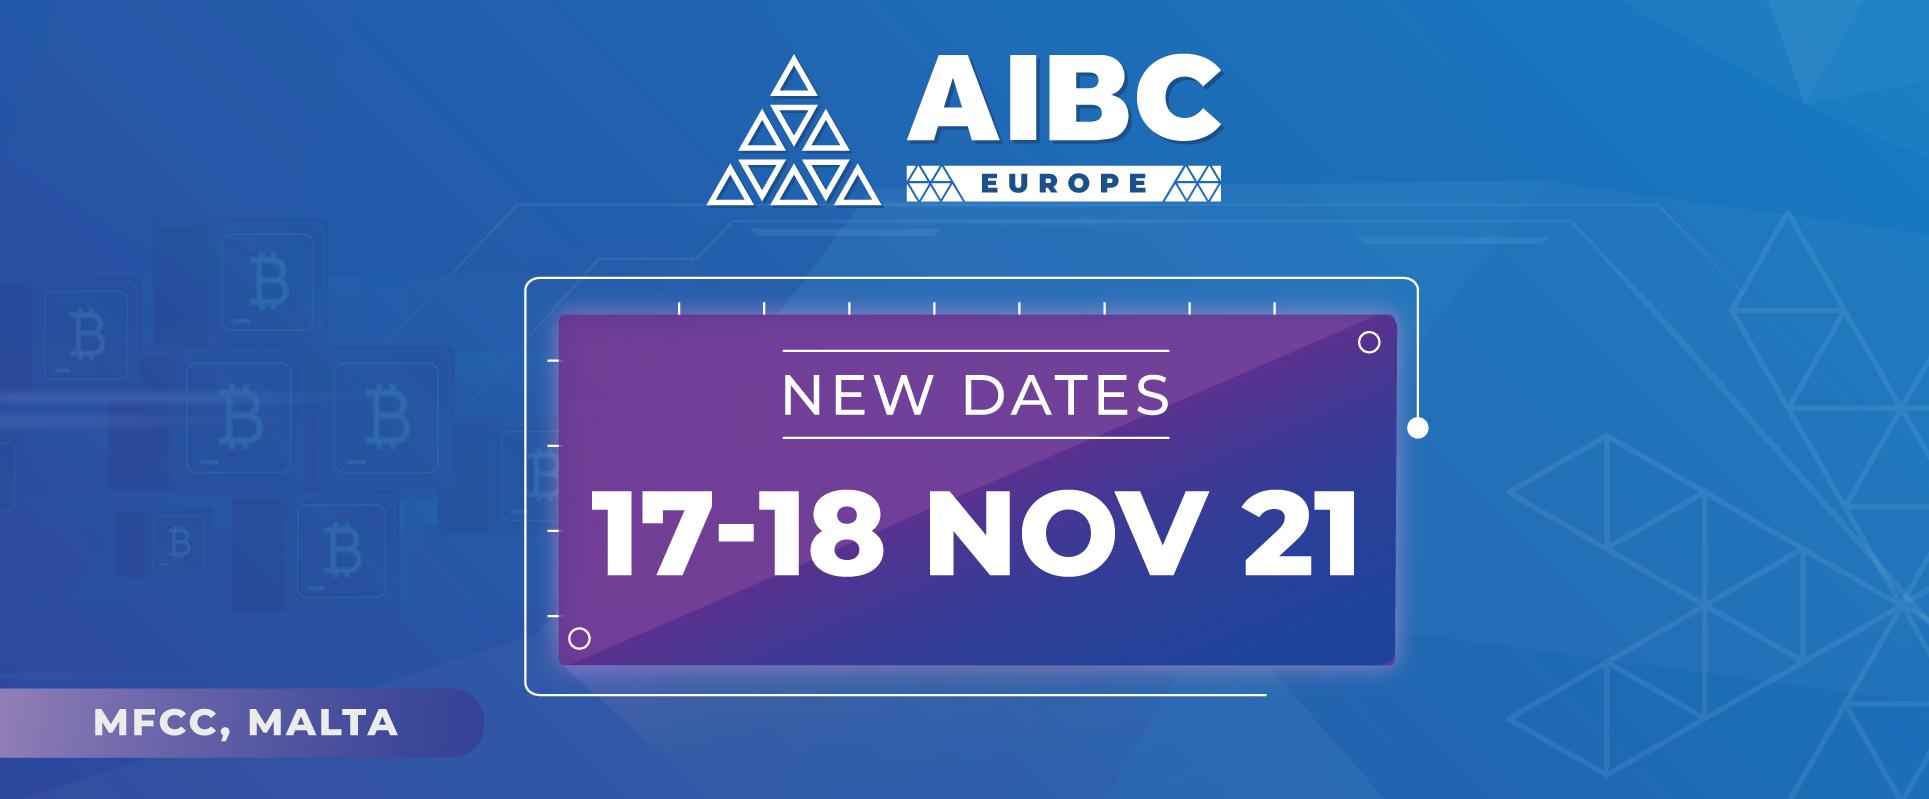 AIBC-Europe-21